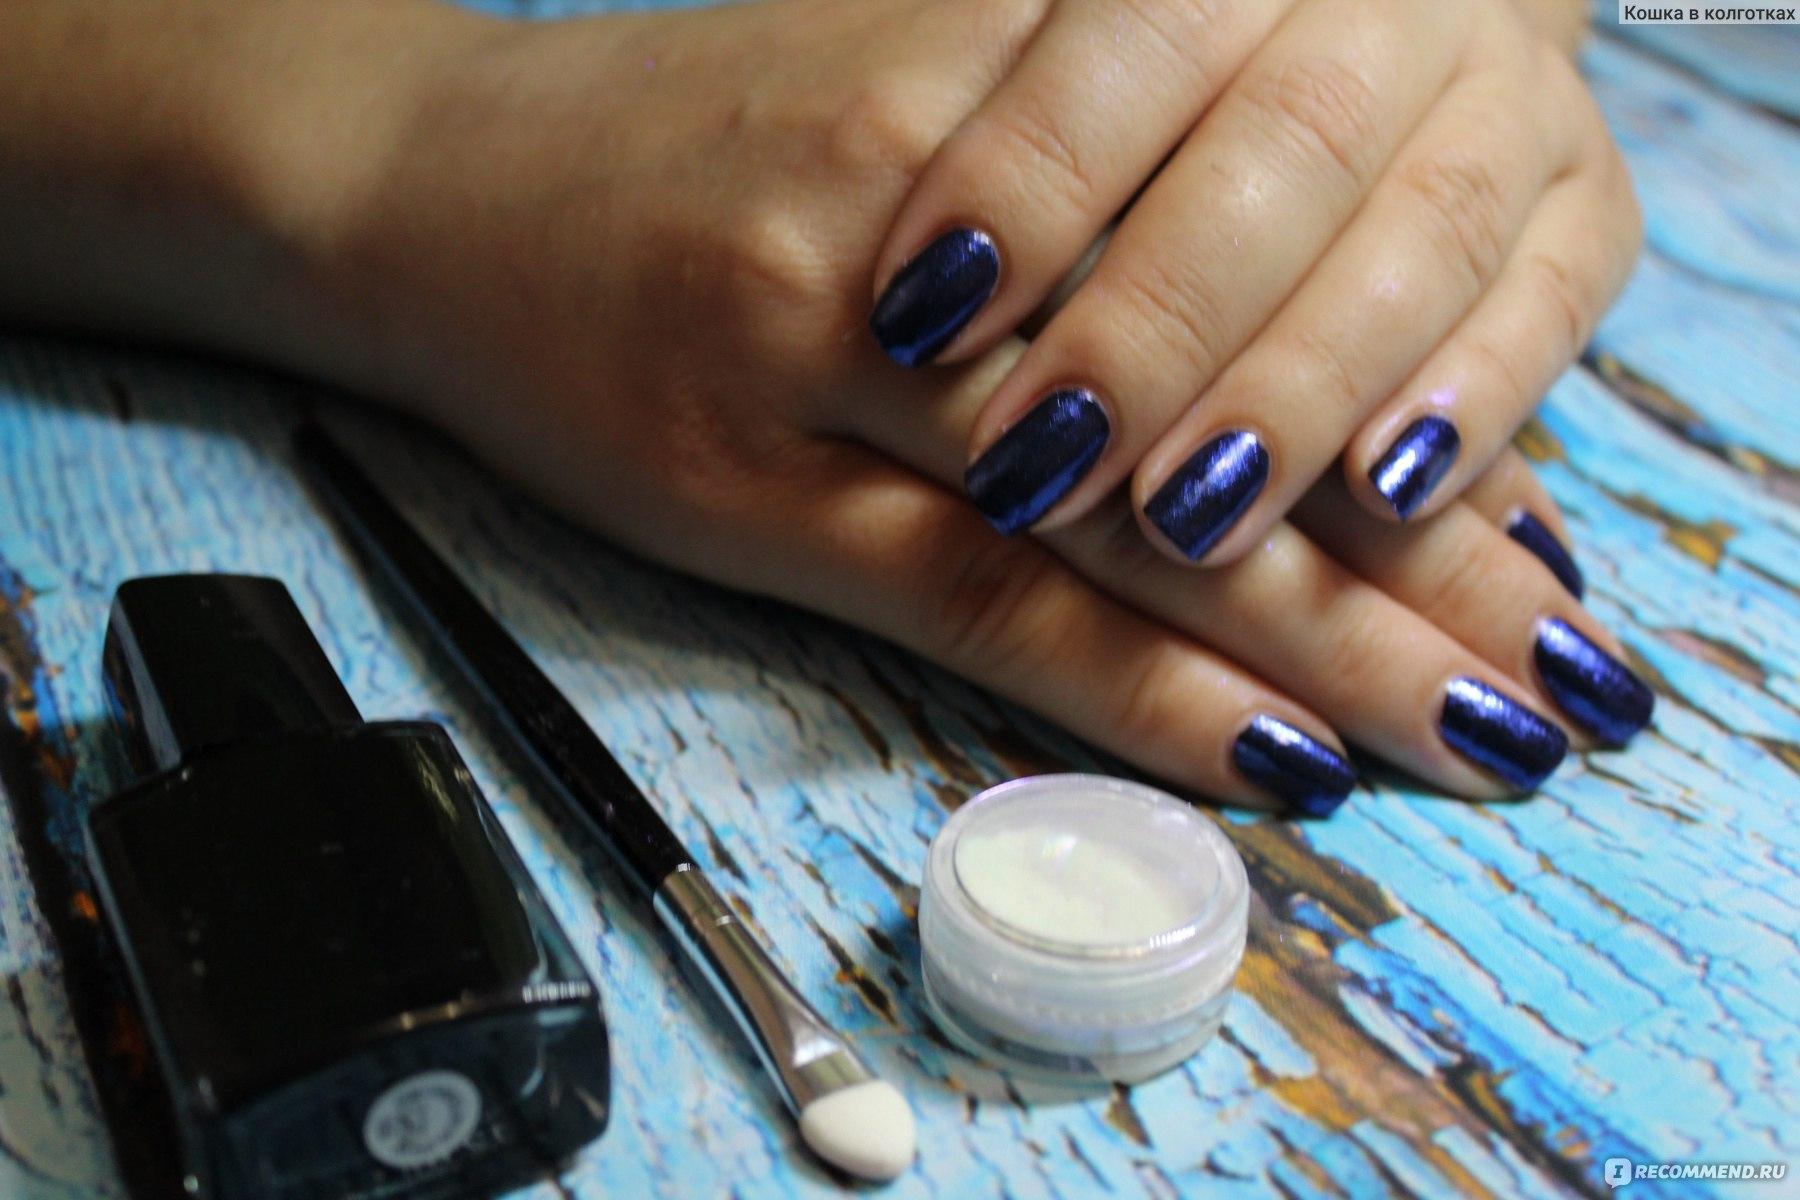 Зеркальный порошок для ногтей как пользоваться